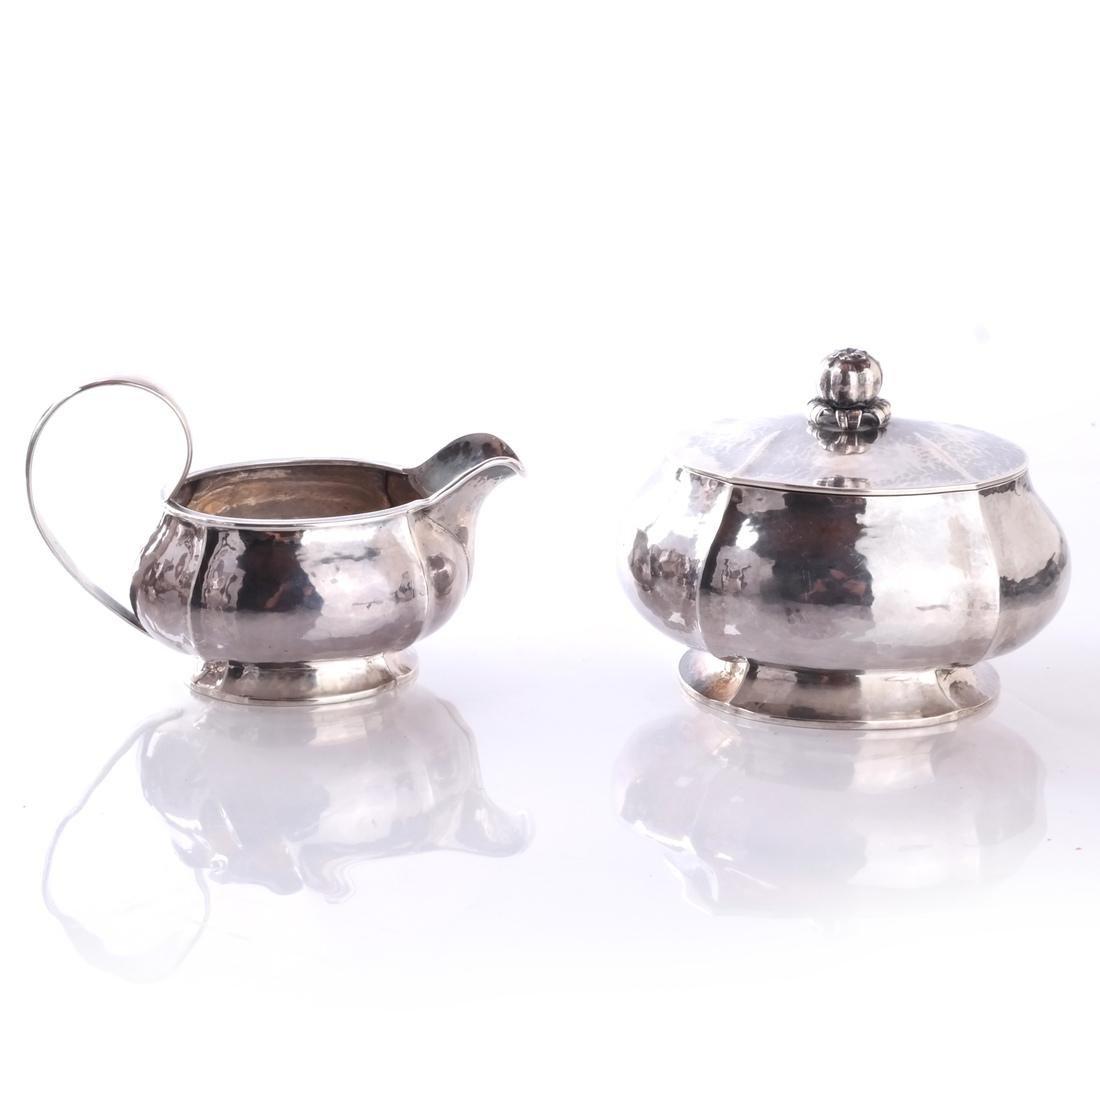 Baltensperger 5-Piece Sterling Tea Set - 7